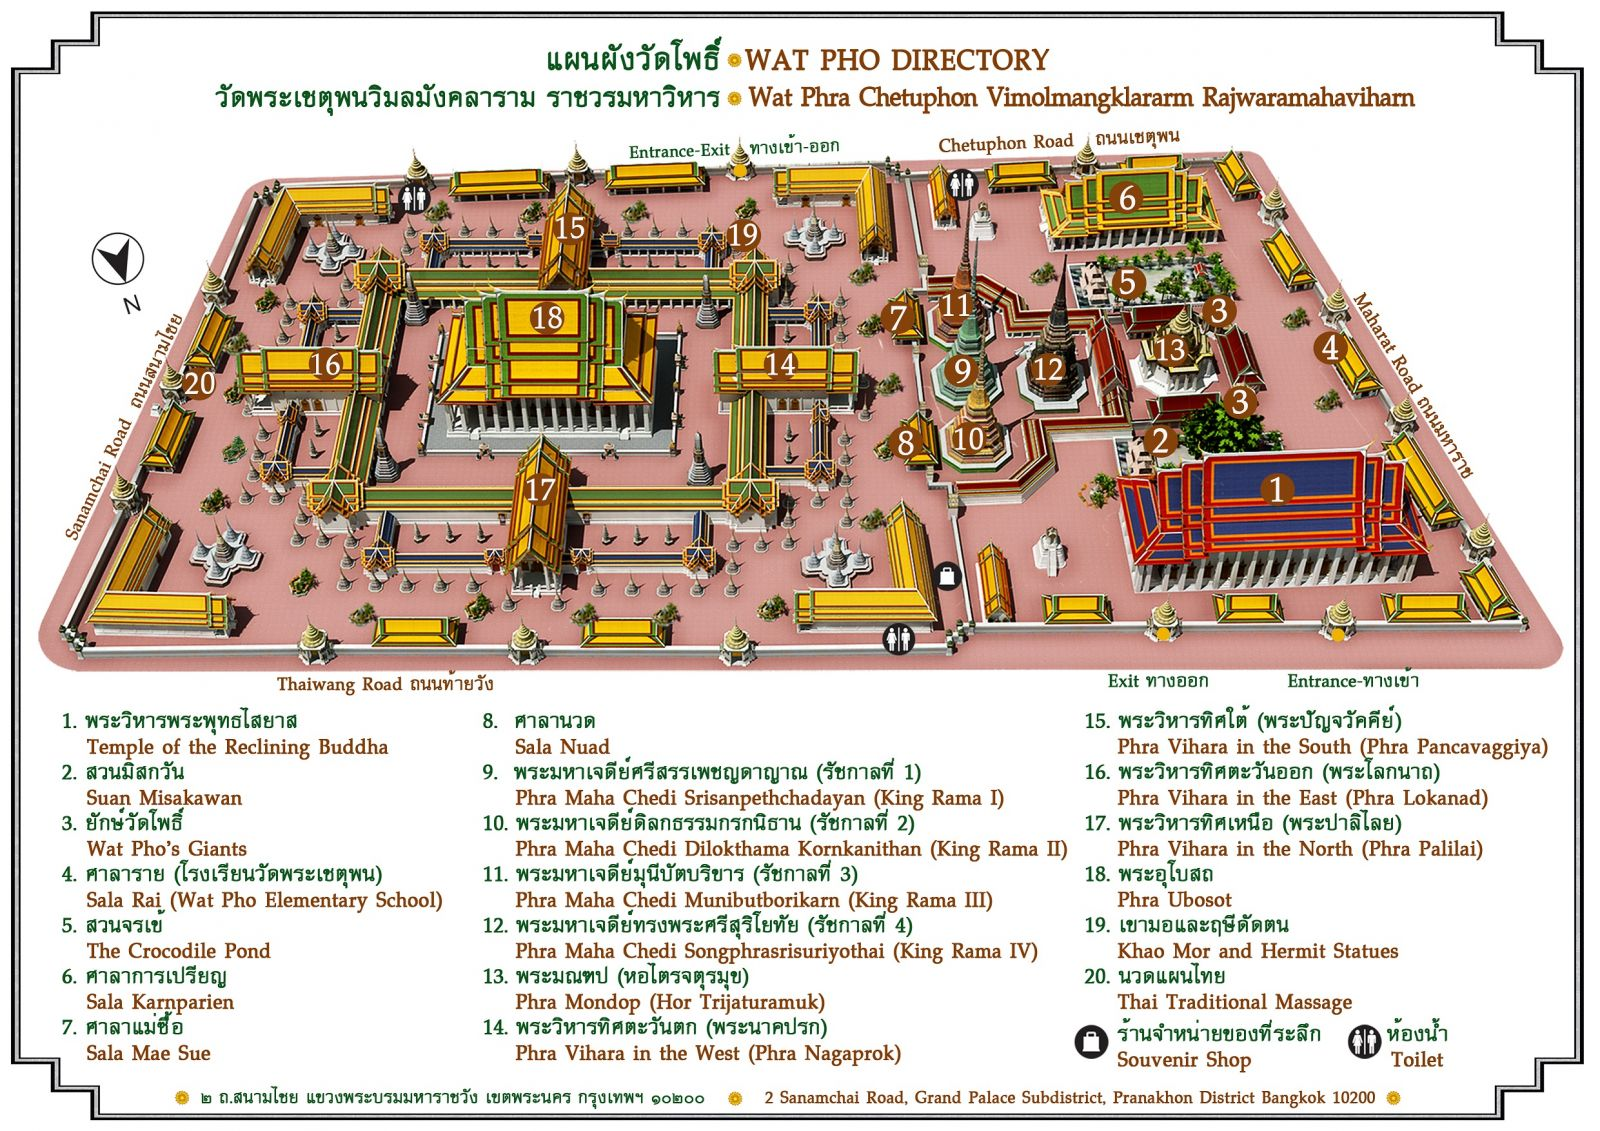 Map of Wat Pho in Bangkok